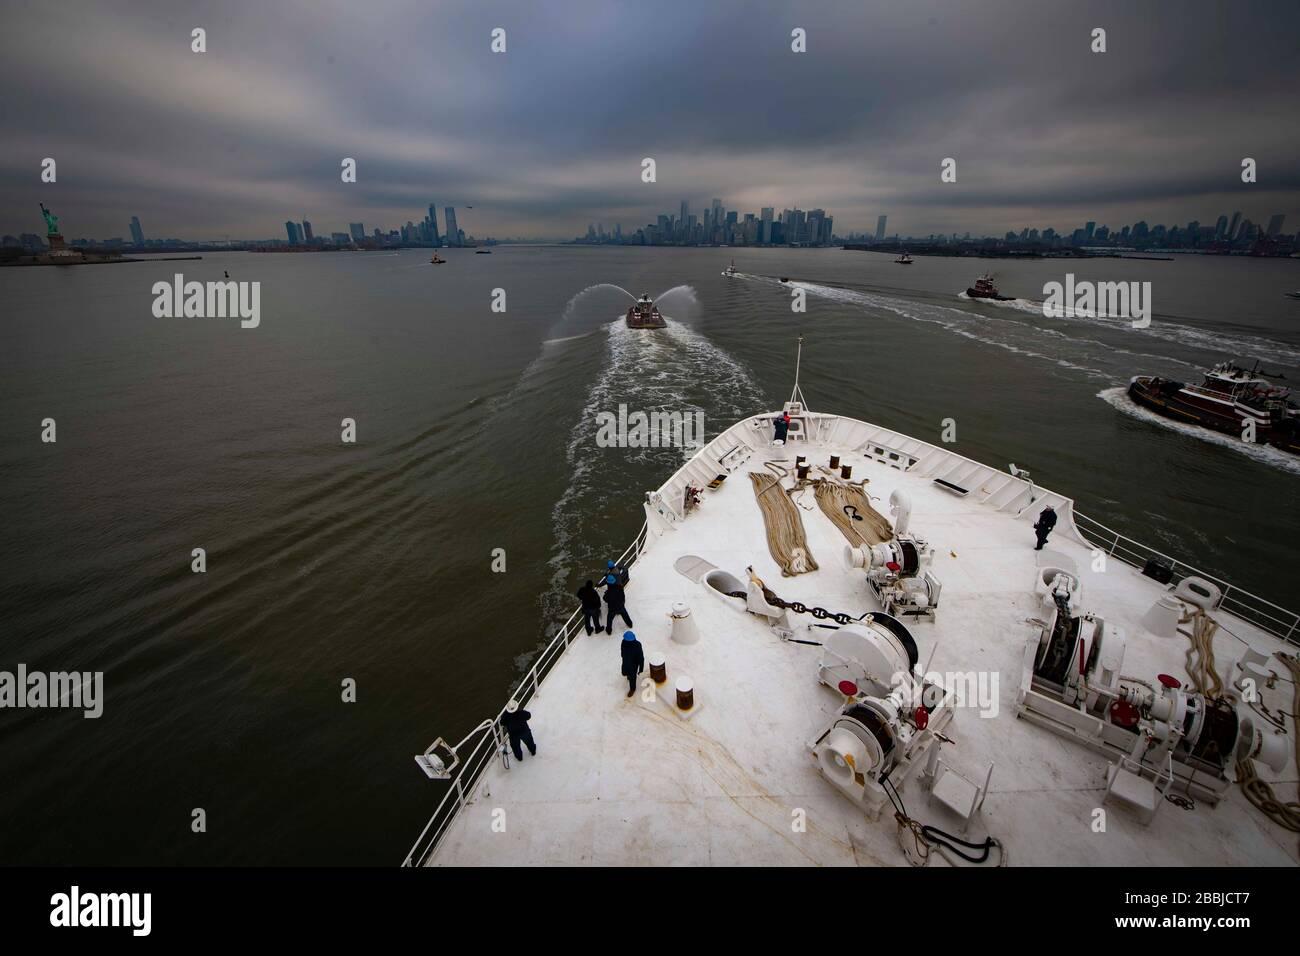 New York, Vereinigte Staaten von Amerika. März 2020. Das US Navy Military Sealift Command Hospitalschiff USNS Comfort fährt den Hudson River hinauf, um bei Ankunft im Hafen von New York am Pier 90 anzudocken, am 30. März 2020 in New York City, New York. Der Comfort setzt sich zur Unterstützung der COVID-19-Reaktionsbemühungen der Nation in die Stadt ein. Kredit: Sara Eshleman/USA Navy/Alamy Live News Stockfoto